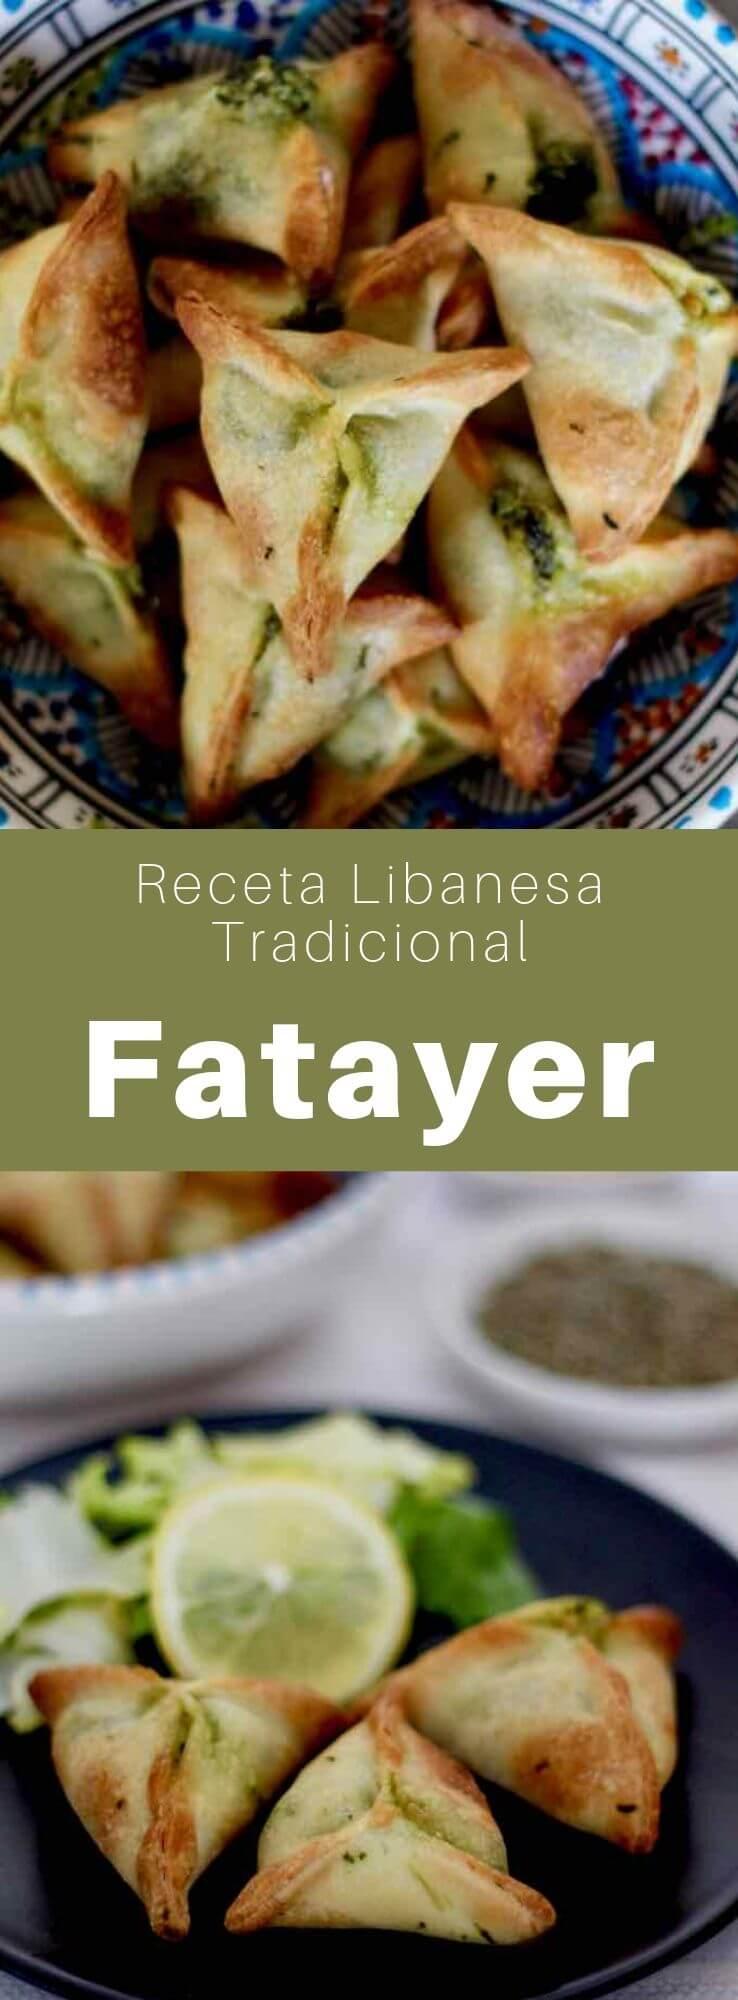 El fatayer (o fitiir) es un mezze libanés tradicional que consiste en una empanada rellena de espinacas, también popular en Turquía y los países de Oriente Medio.